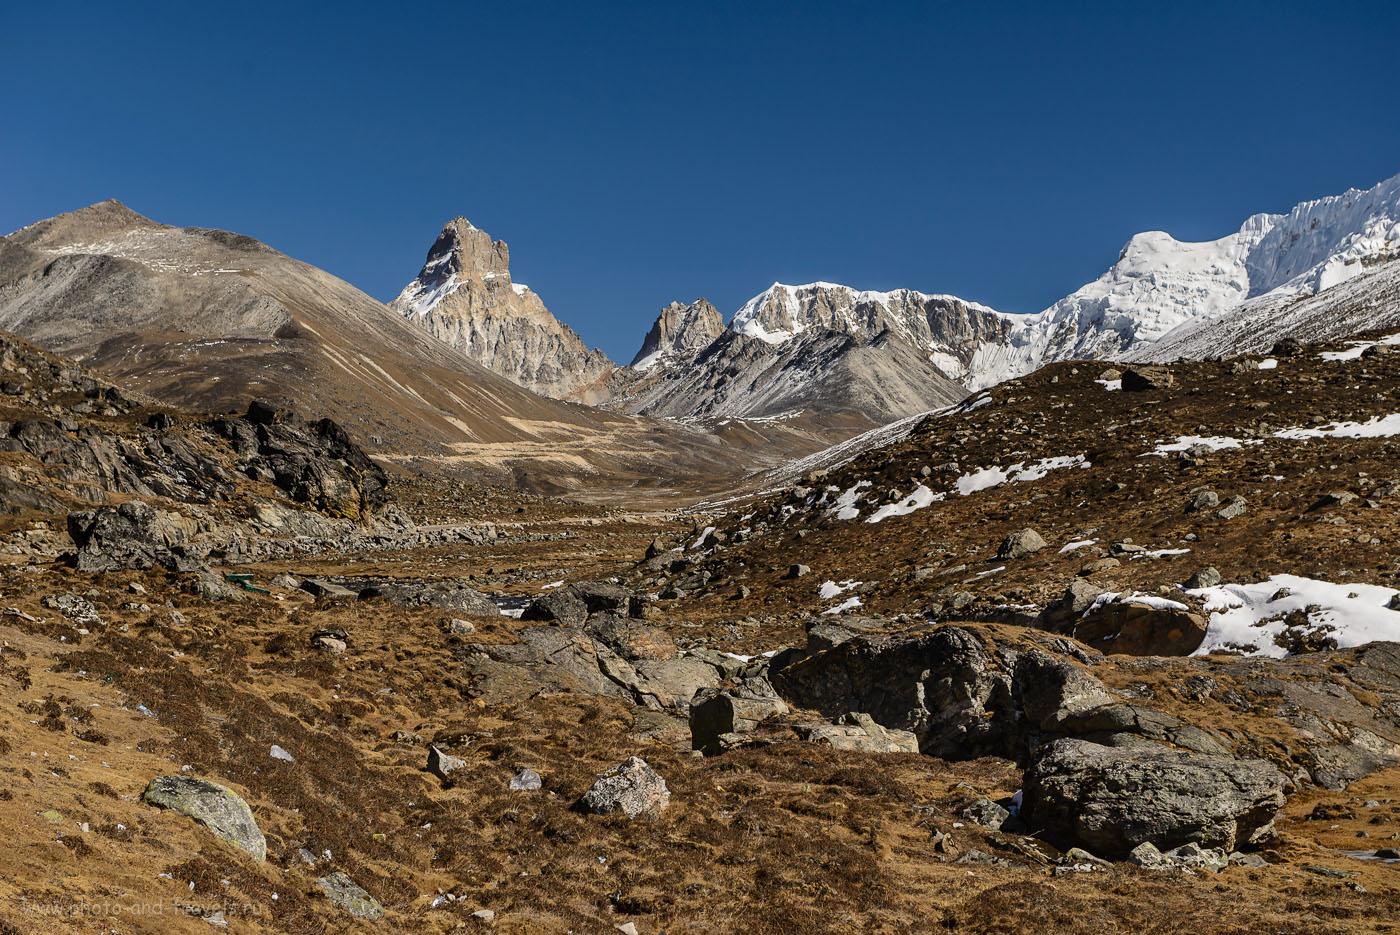 Снимок 10. Не хочется произносить банальности, но что может быть лучше гор?.. Отзывы о поездке в Гималаи в Индии самостоятельно. 1/500, -1.0, 8.0, 250, 70.